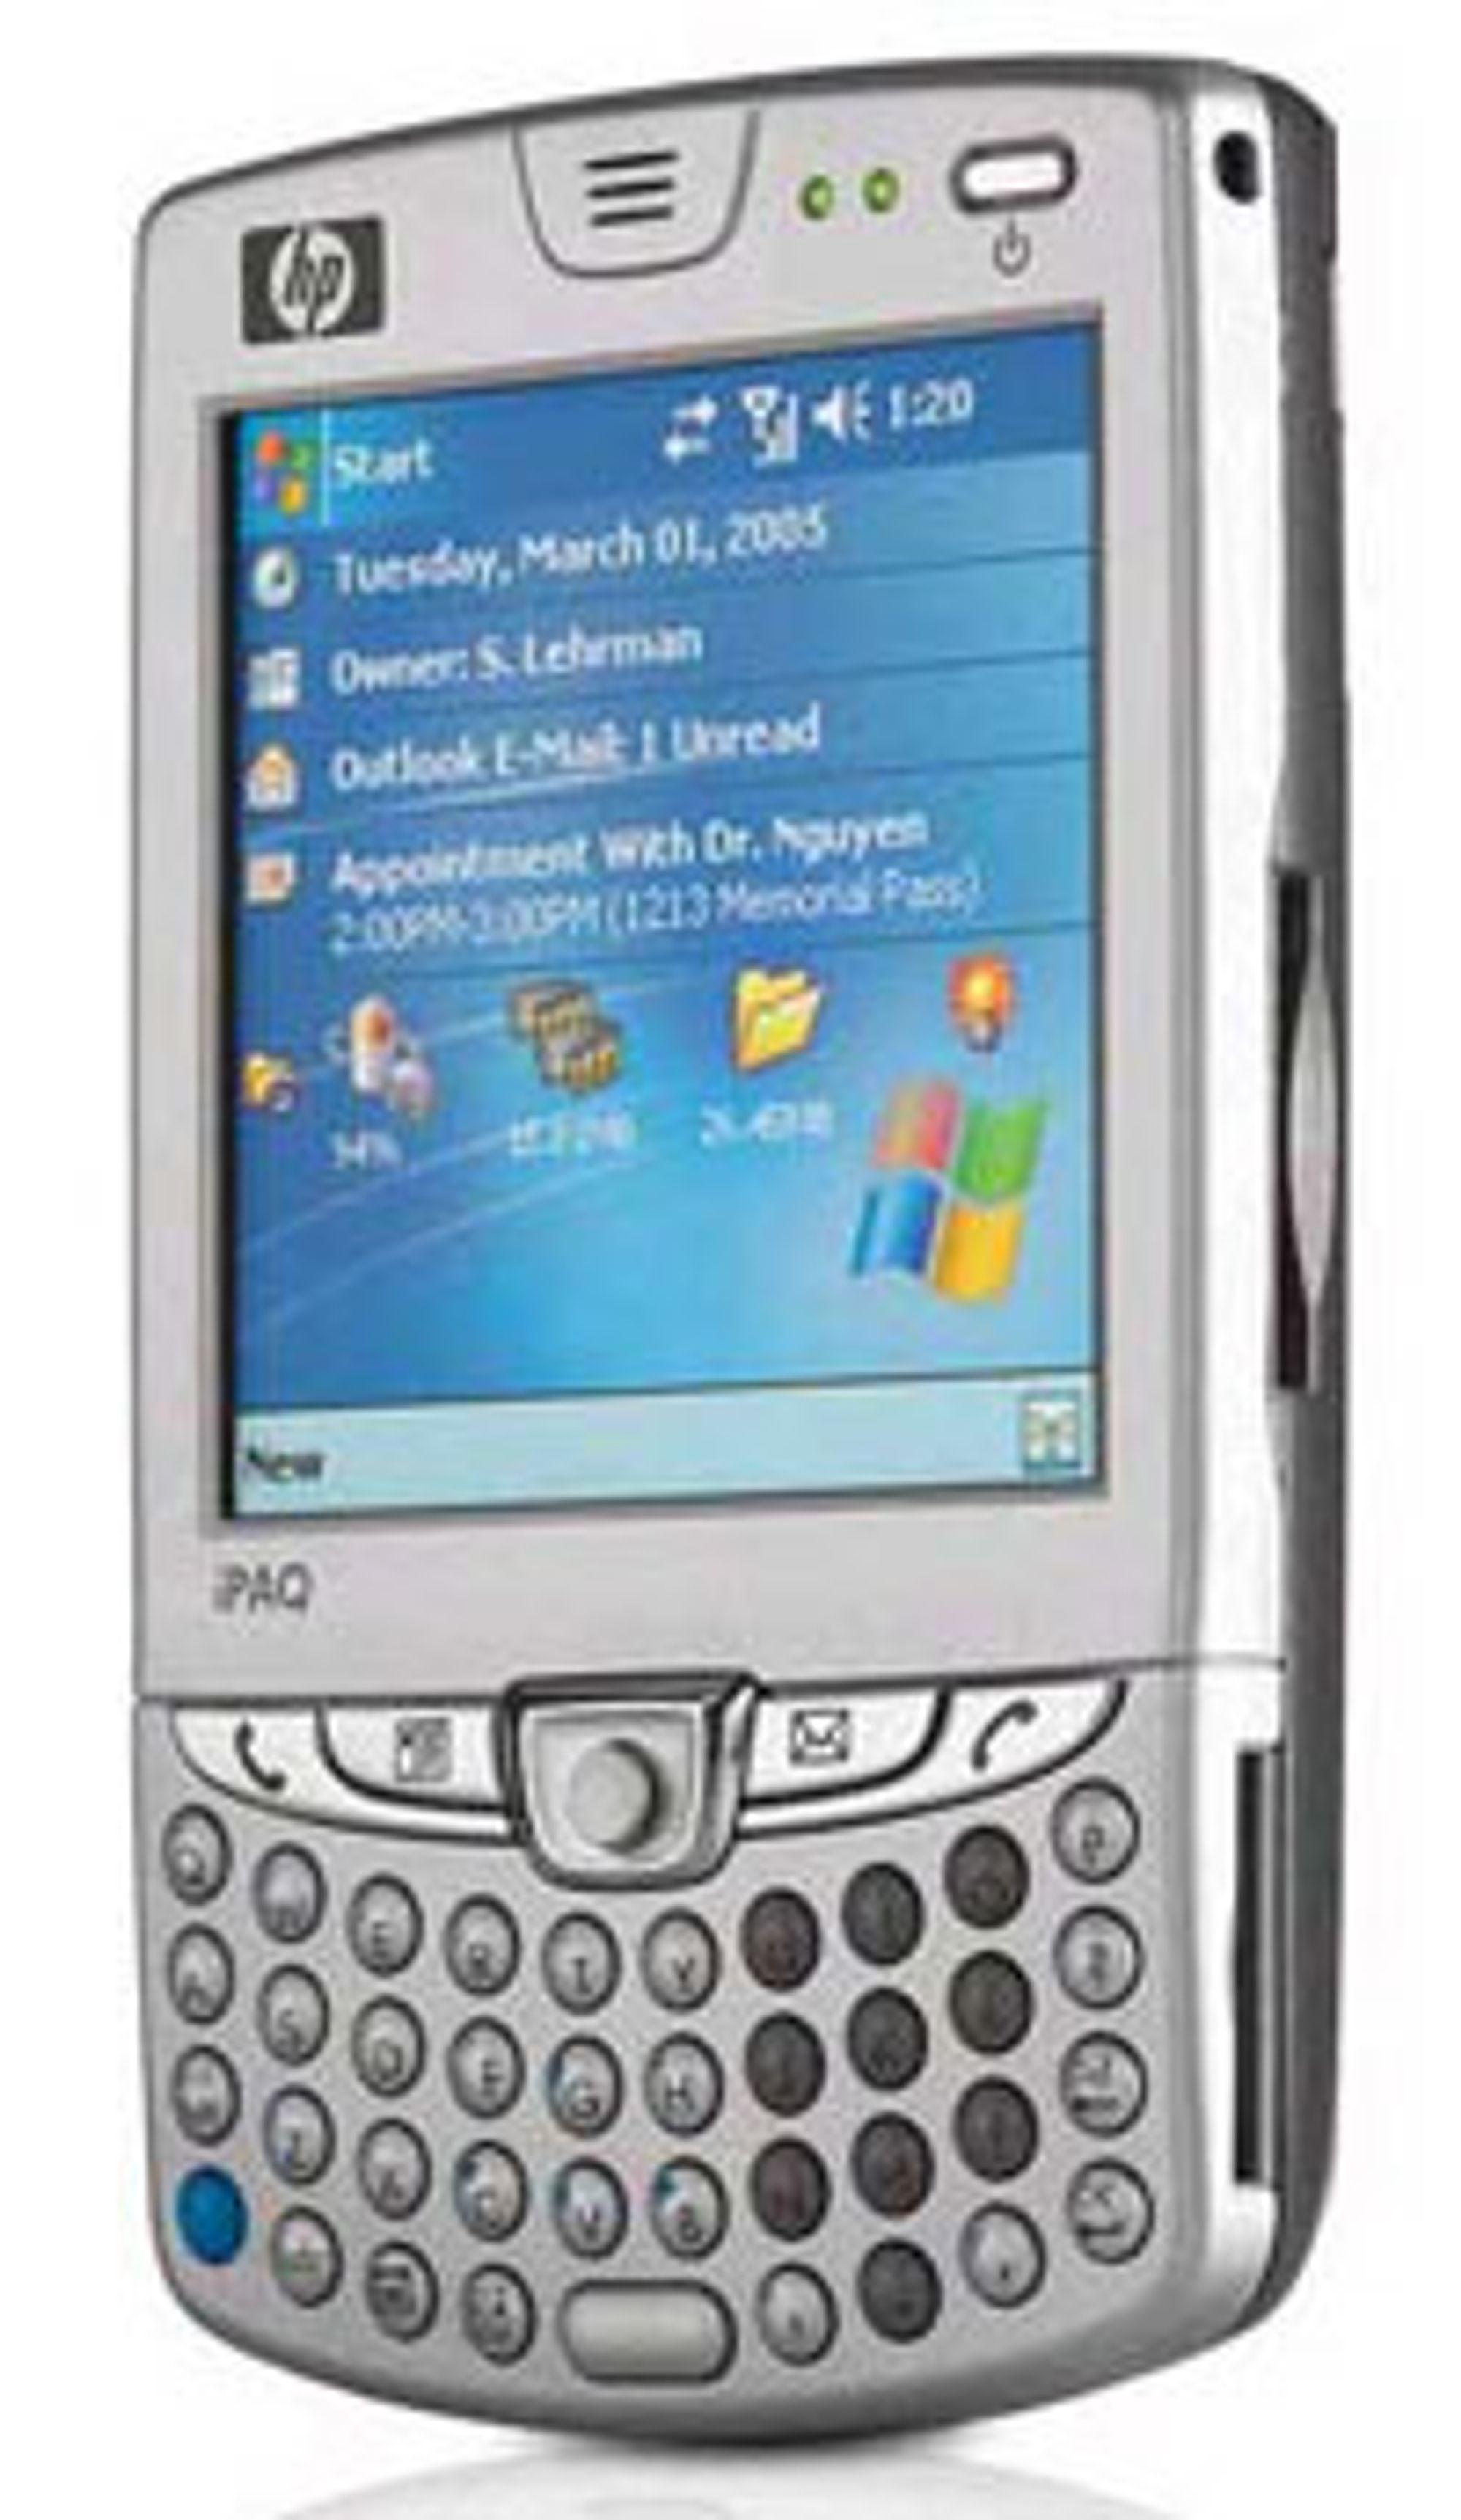 HP er nykommere på mobiltelefon, men skjønner seg på teknologi. Denne telefonen har til og med EDGE.